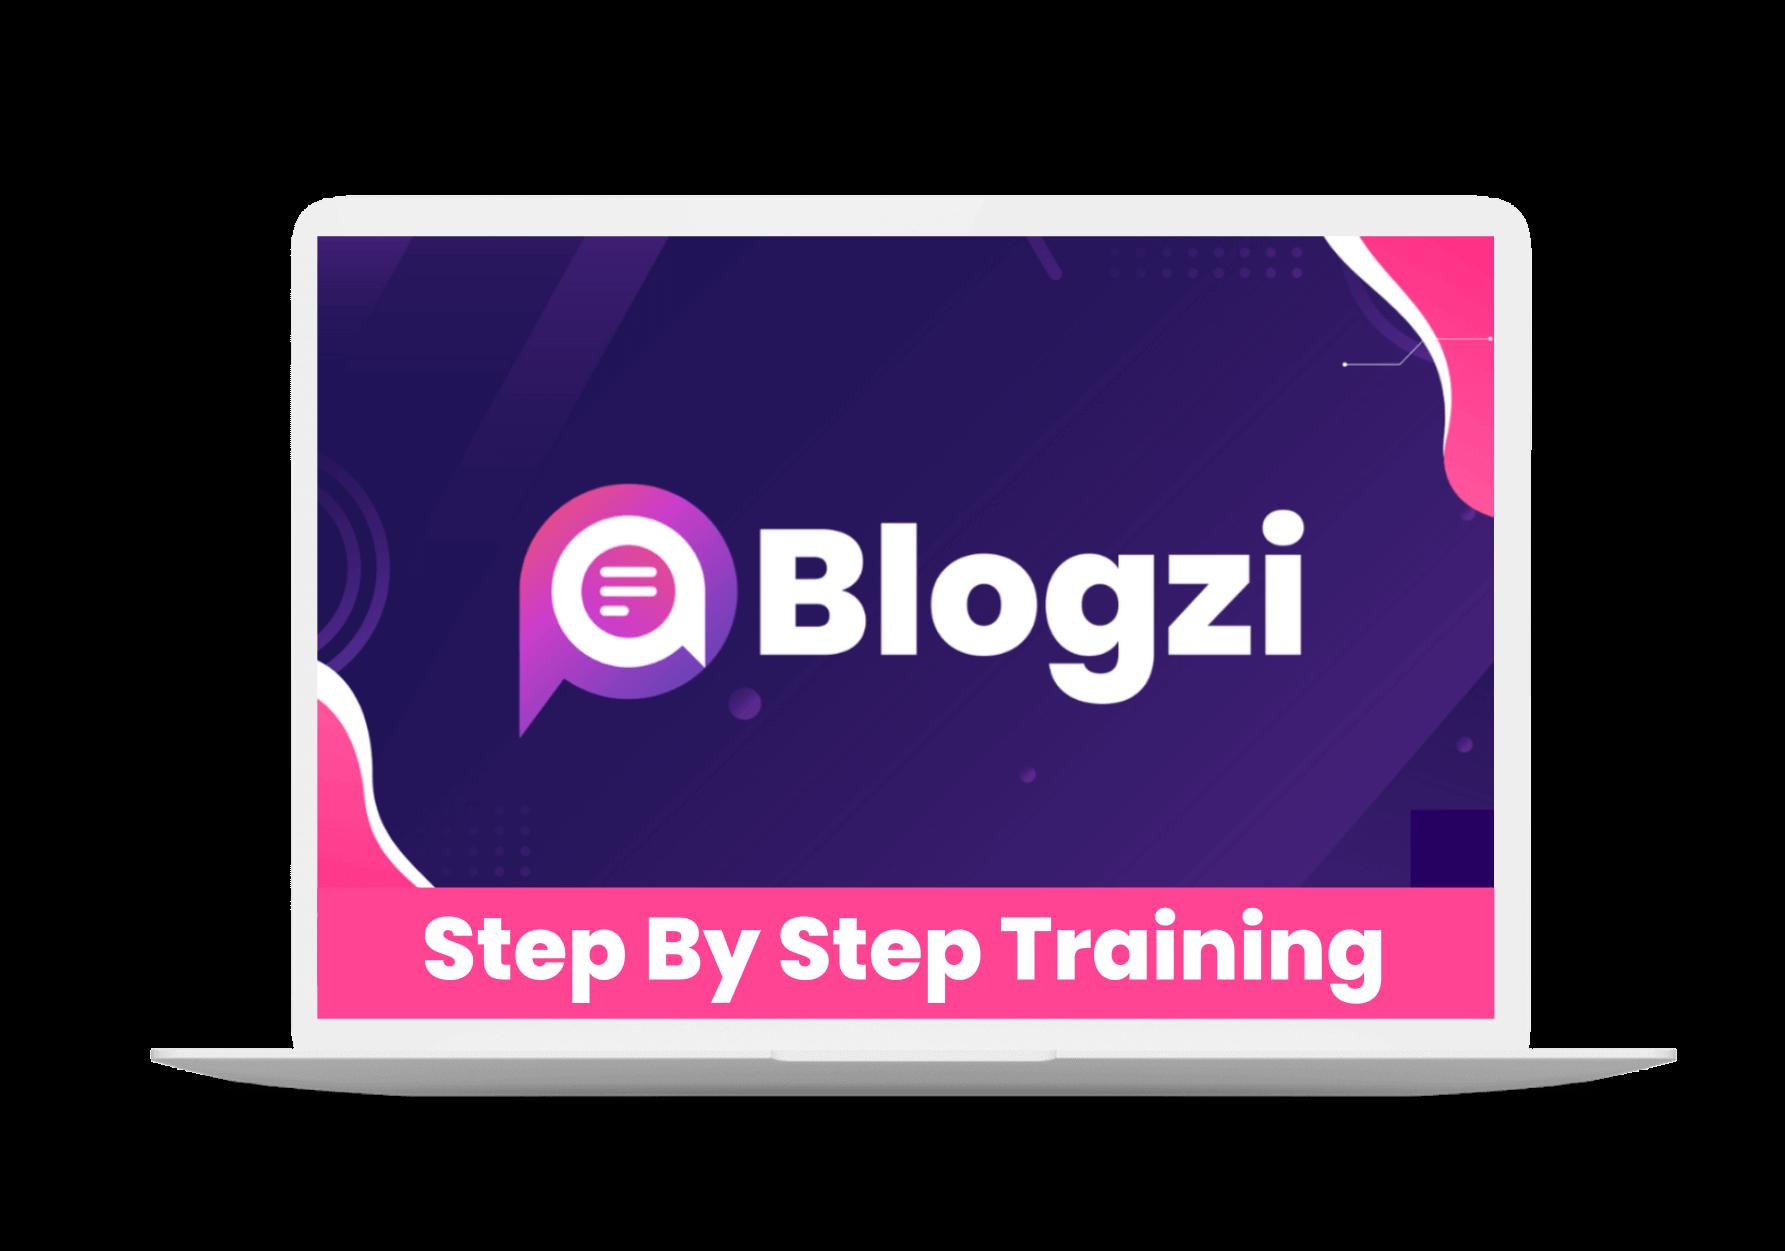 Blogzi-feature-14